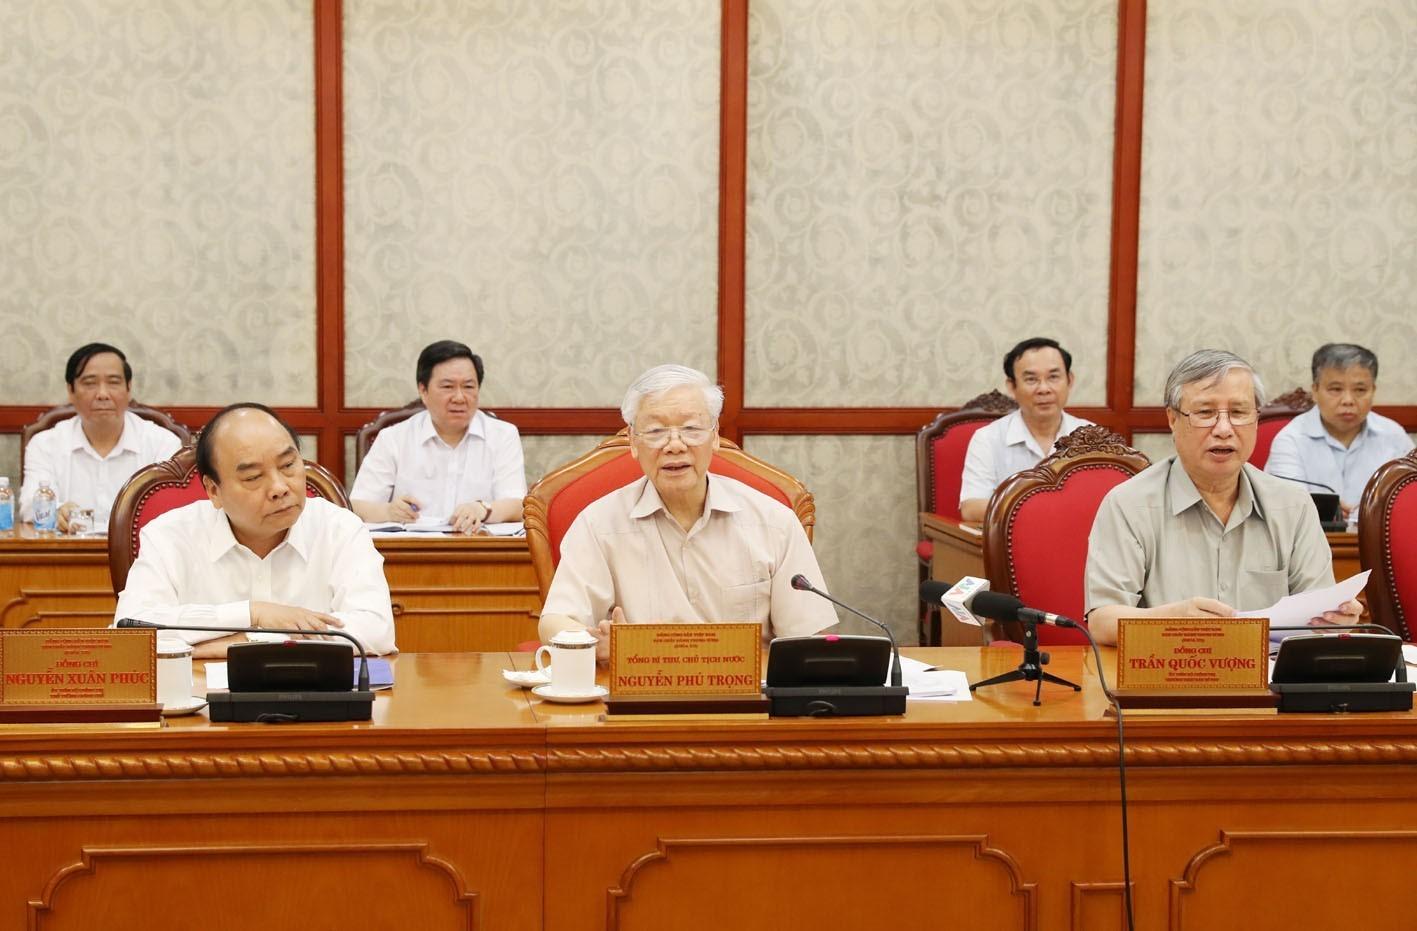 Tổng Bí thư, Chủ tịch nước Nguyễn Phú Trọng chủ trì họp Bộ Chính trị - Ảnh 3.